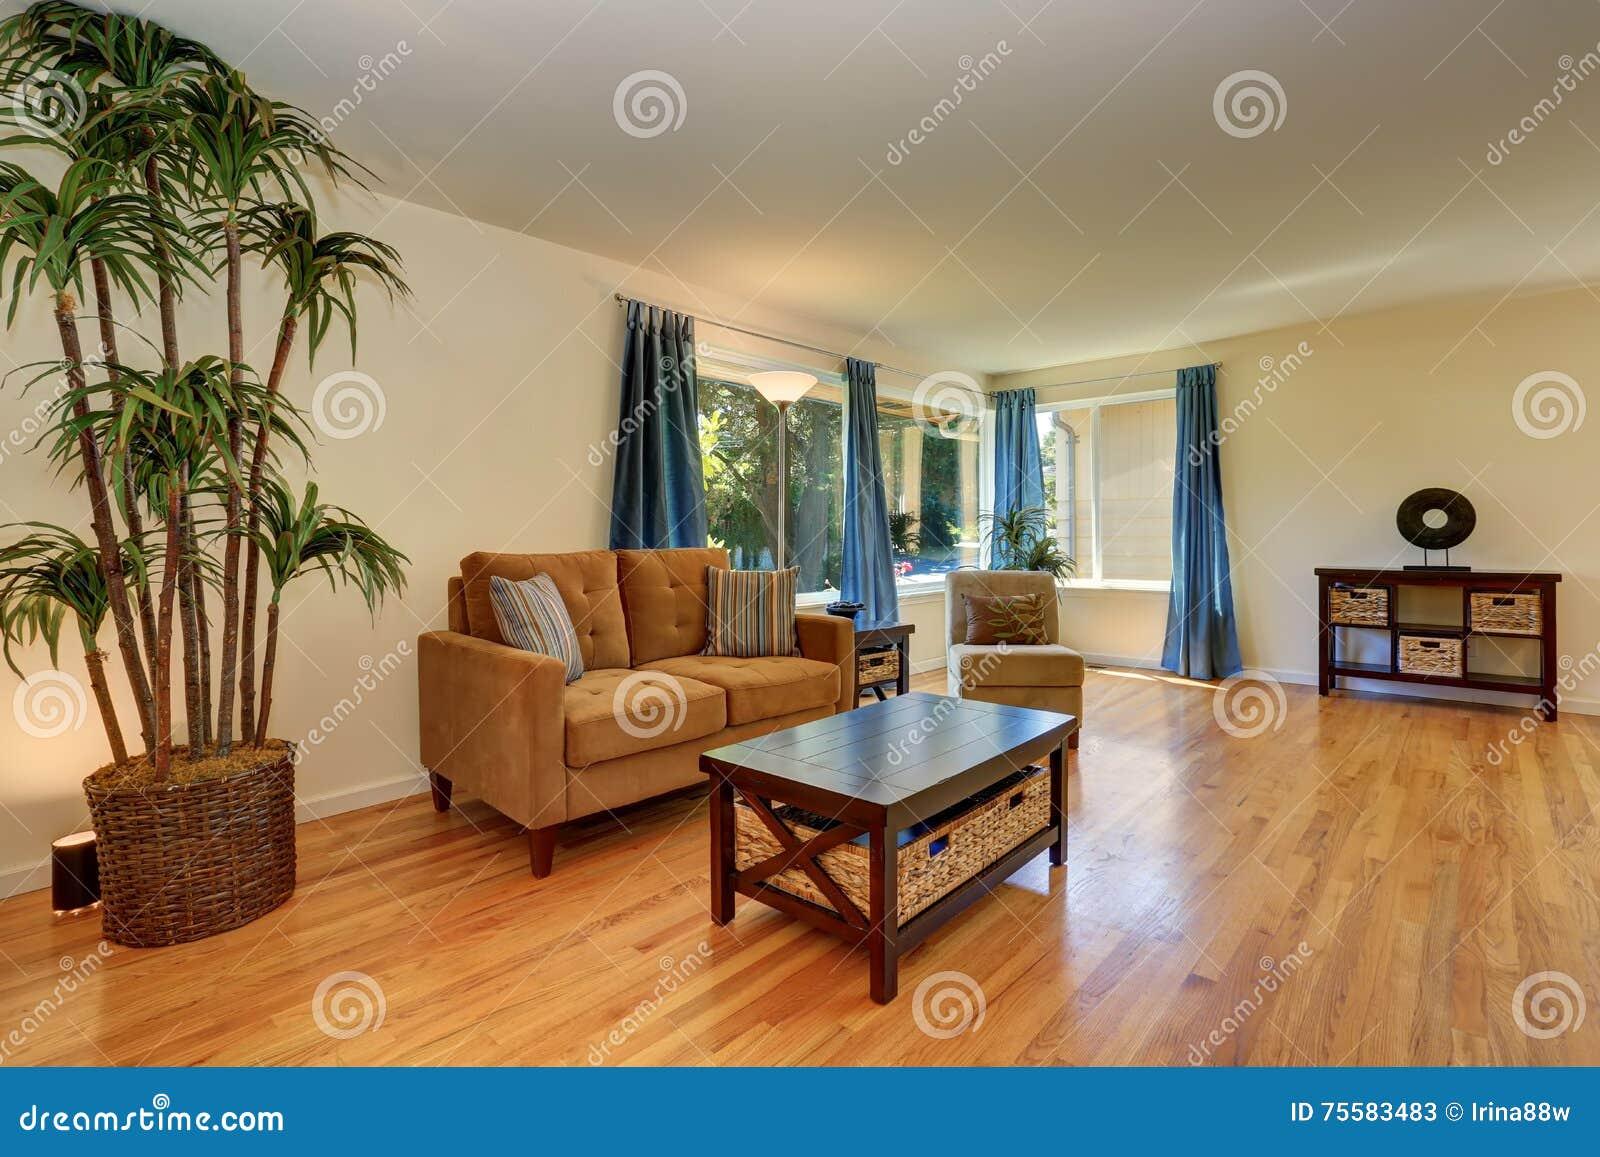 Woonkamer kleuren bruin groen beste ideen over huis en for Z vormige woonkamer inrichten